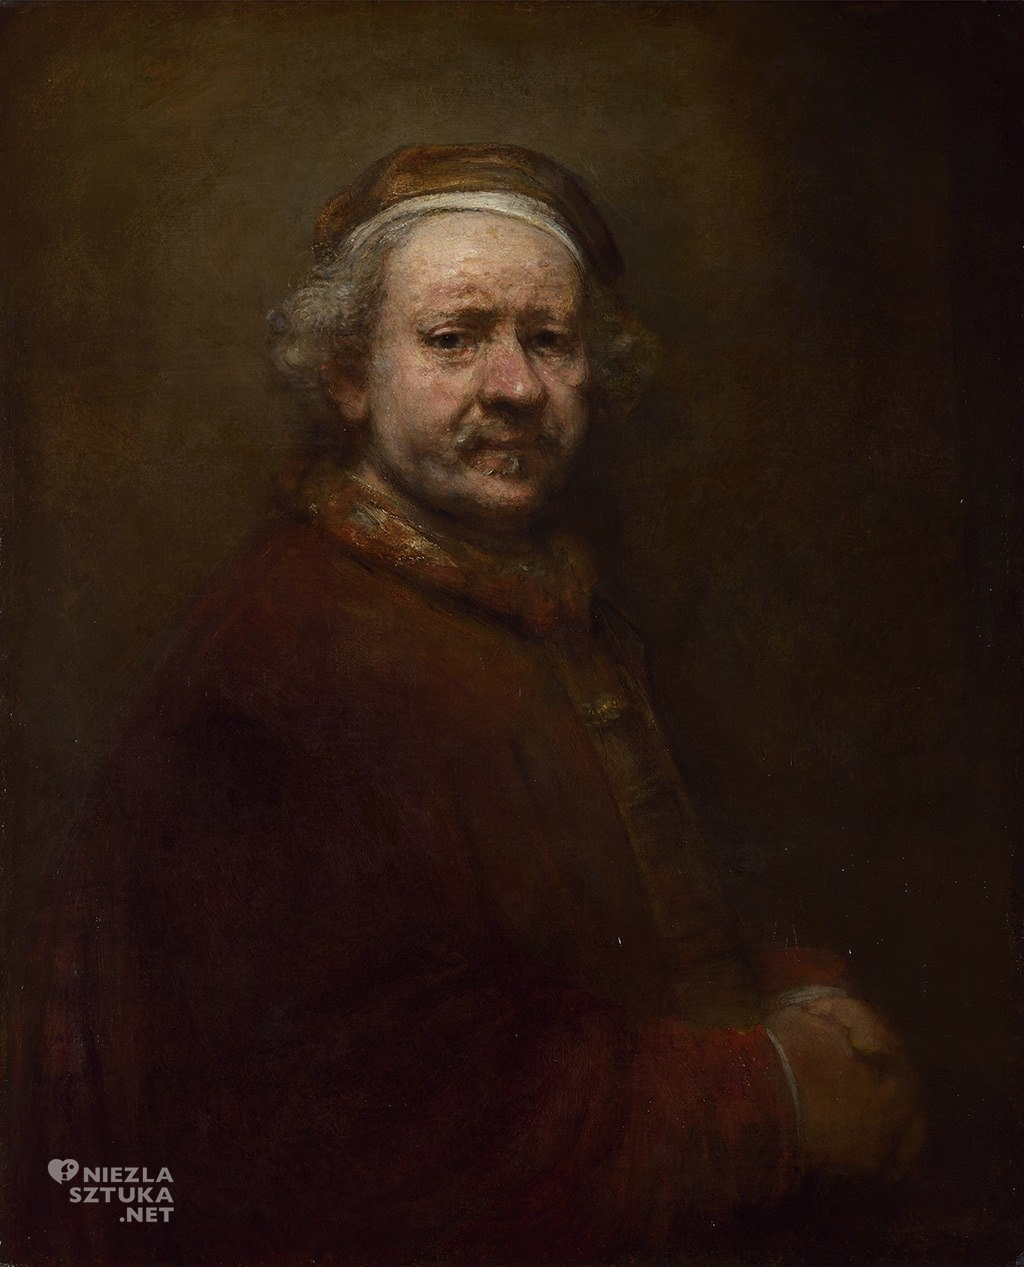 Rembrandt Harmenszoon van Rijn Autoportret w wieku 63 lat